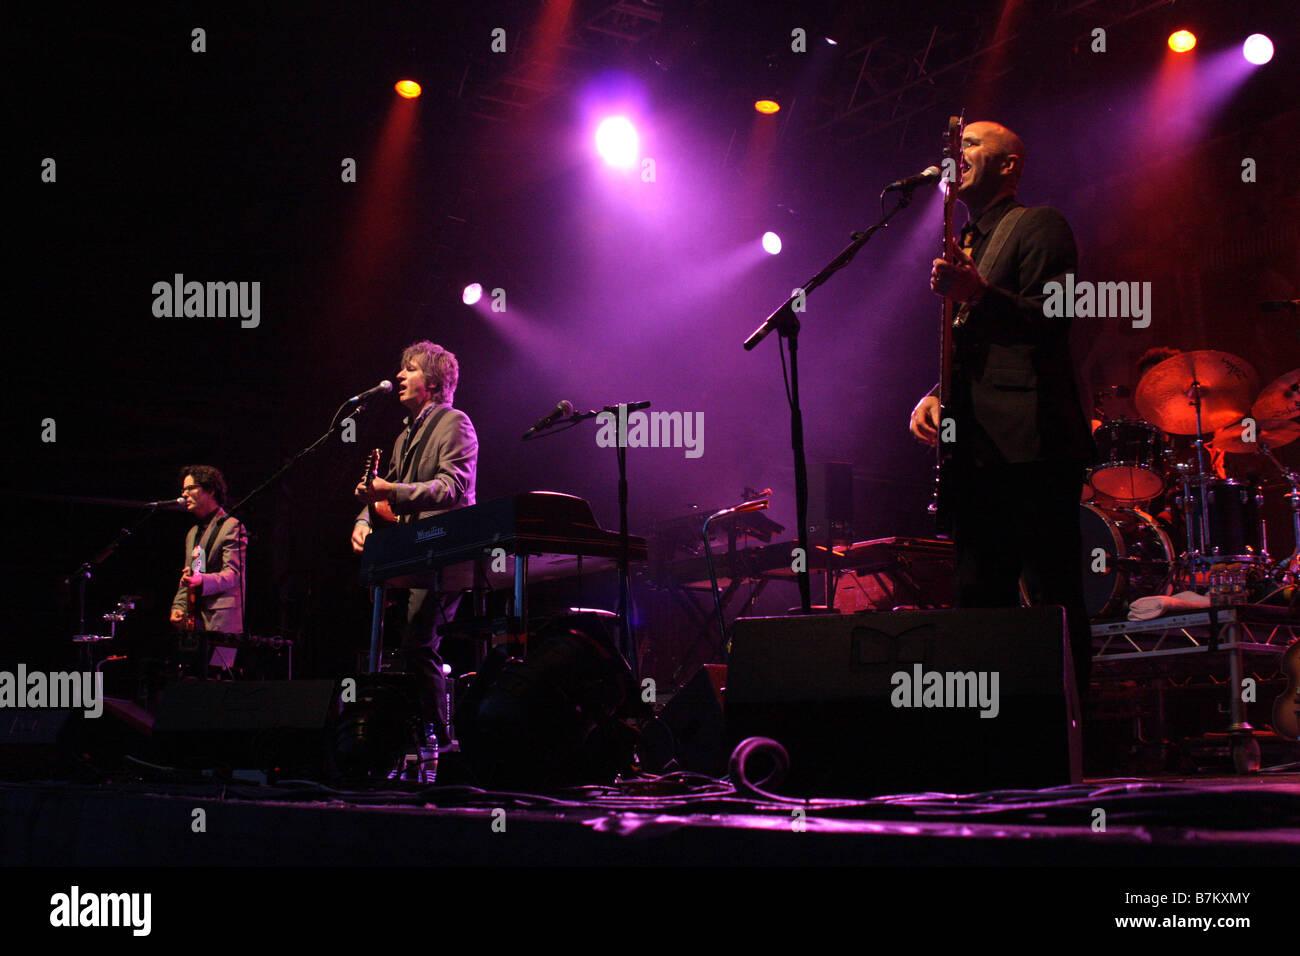 Cornbury Festival Headliners Crowded House sur scène 2008 Banque D'Images